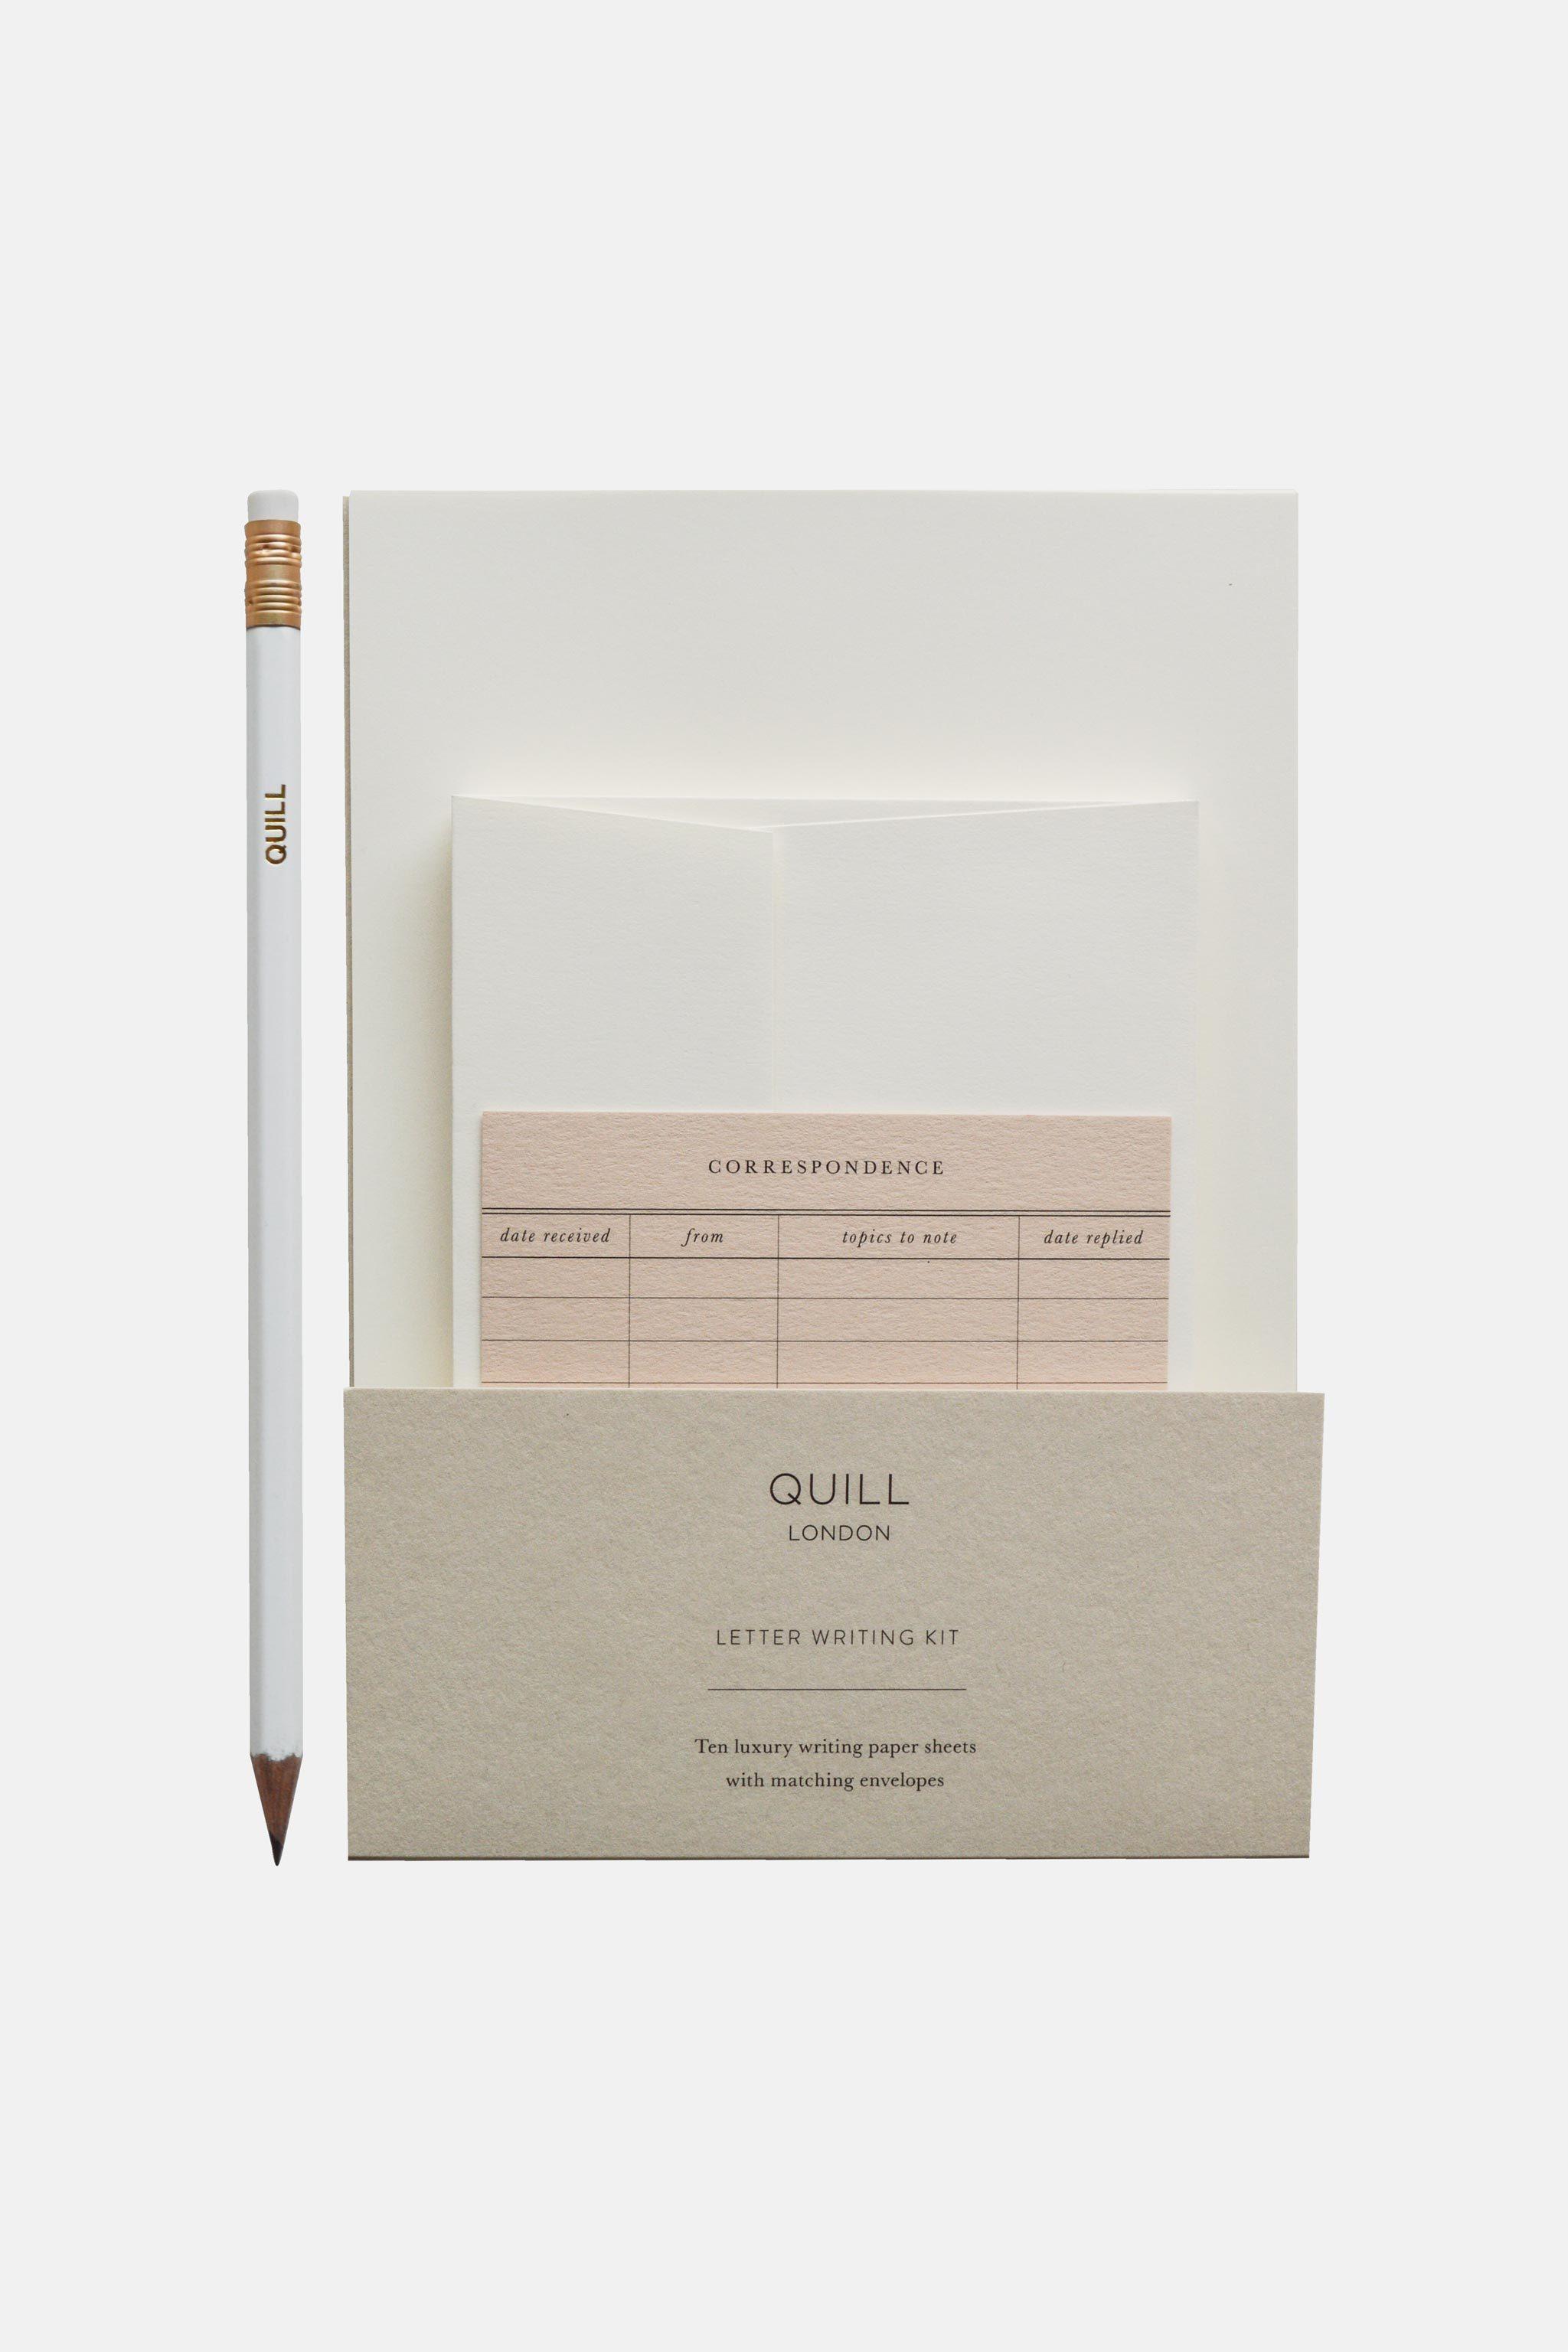 Quill London Stationery Letter Writing Kit - Como a experiência de fazer parte de um clube de cartas me ajudou a me conhecer melhor